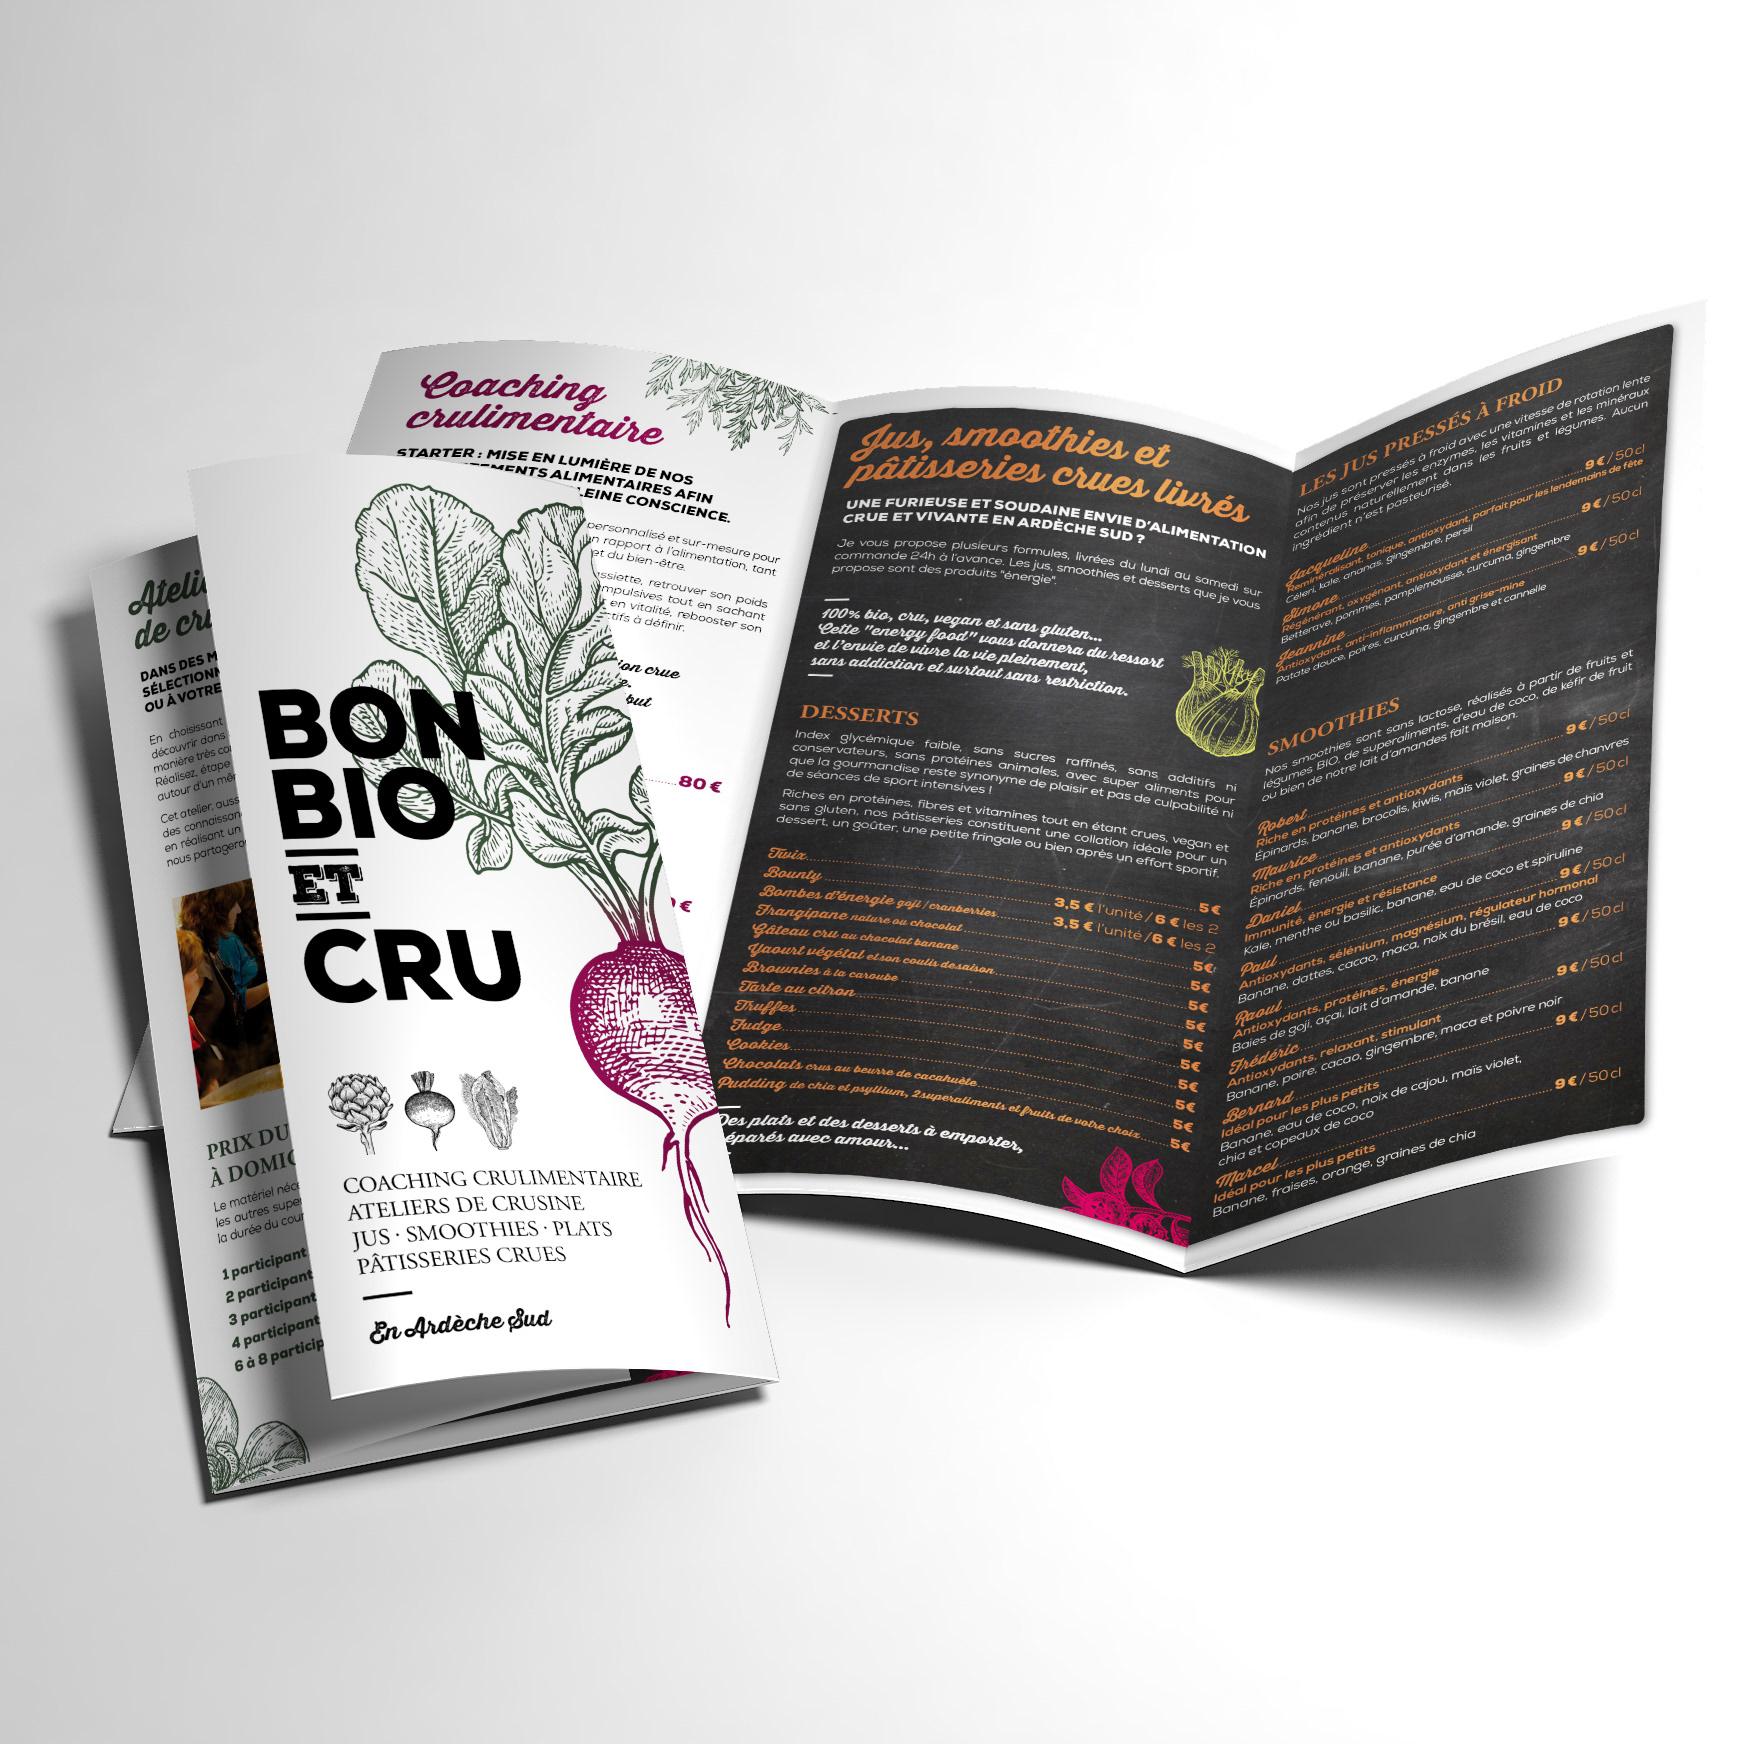 Coaching Alimentaire Ateliers De Cuisine Et Preparation Plats Crus Creation Lidentite Visuelle Logo Cartes Visite Depliant